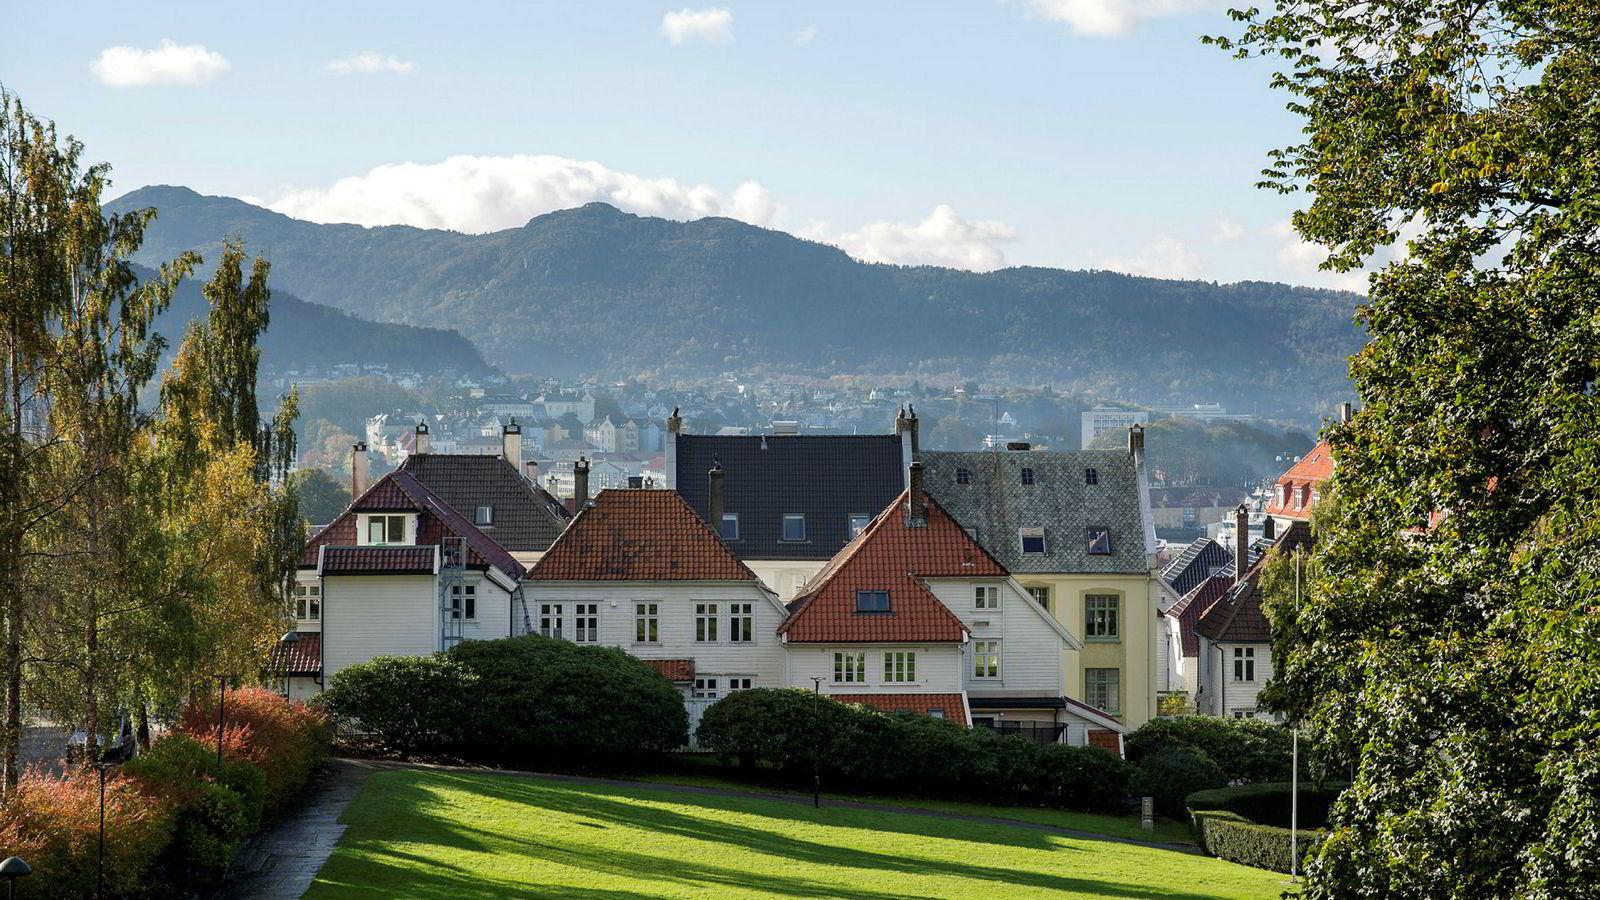 Blant de største byene i Norge falt boligprisene mest i Bergen i september, viser boligprisstatistikken Eiendom Norge la frem onsdag.